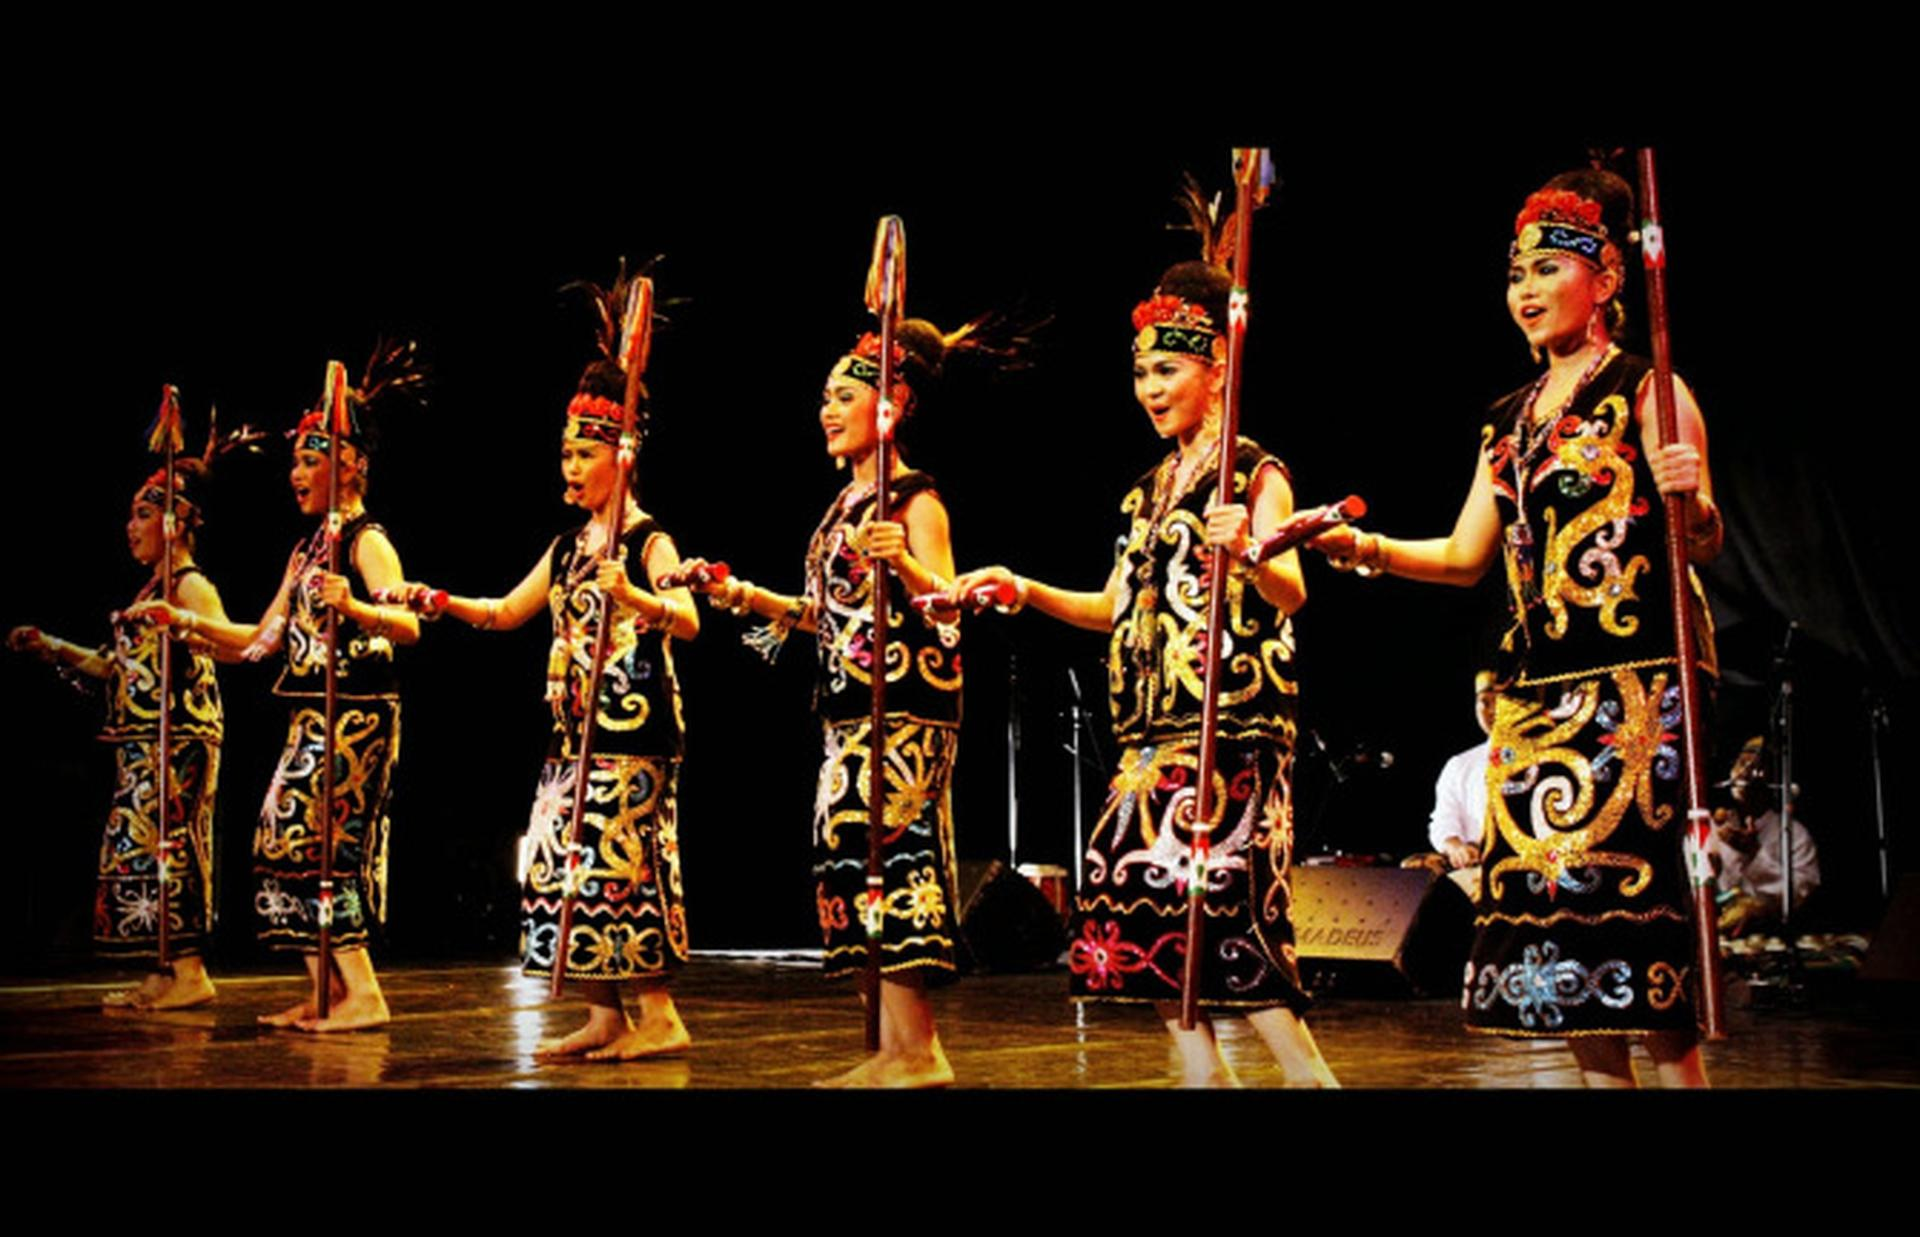 Tari Gantar Kalimantan Timur